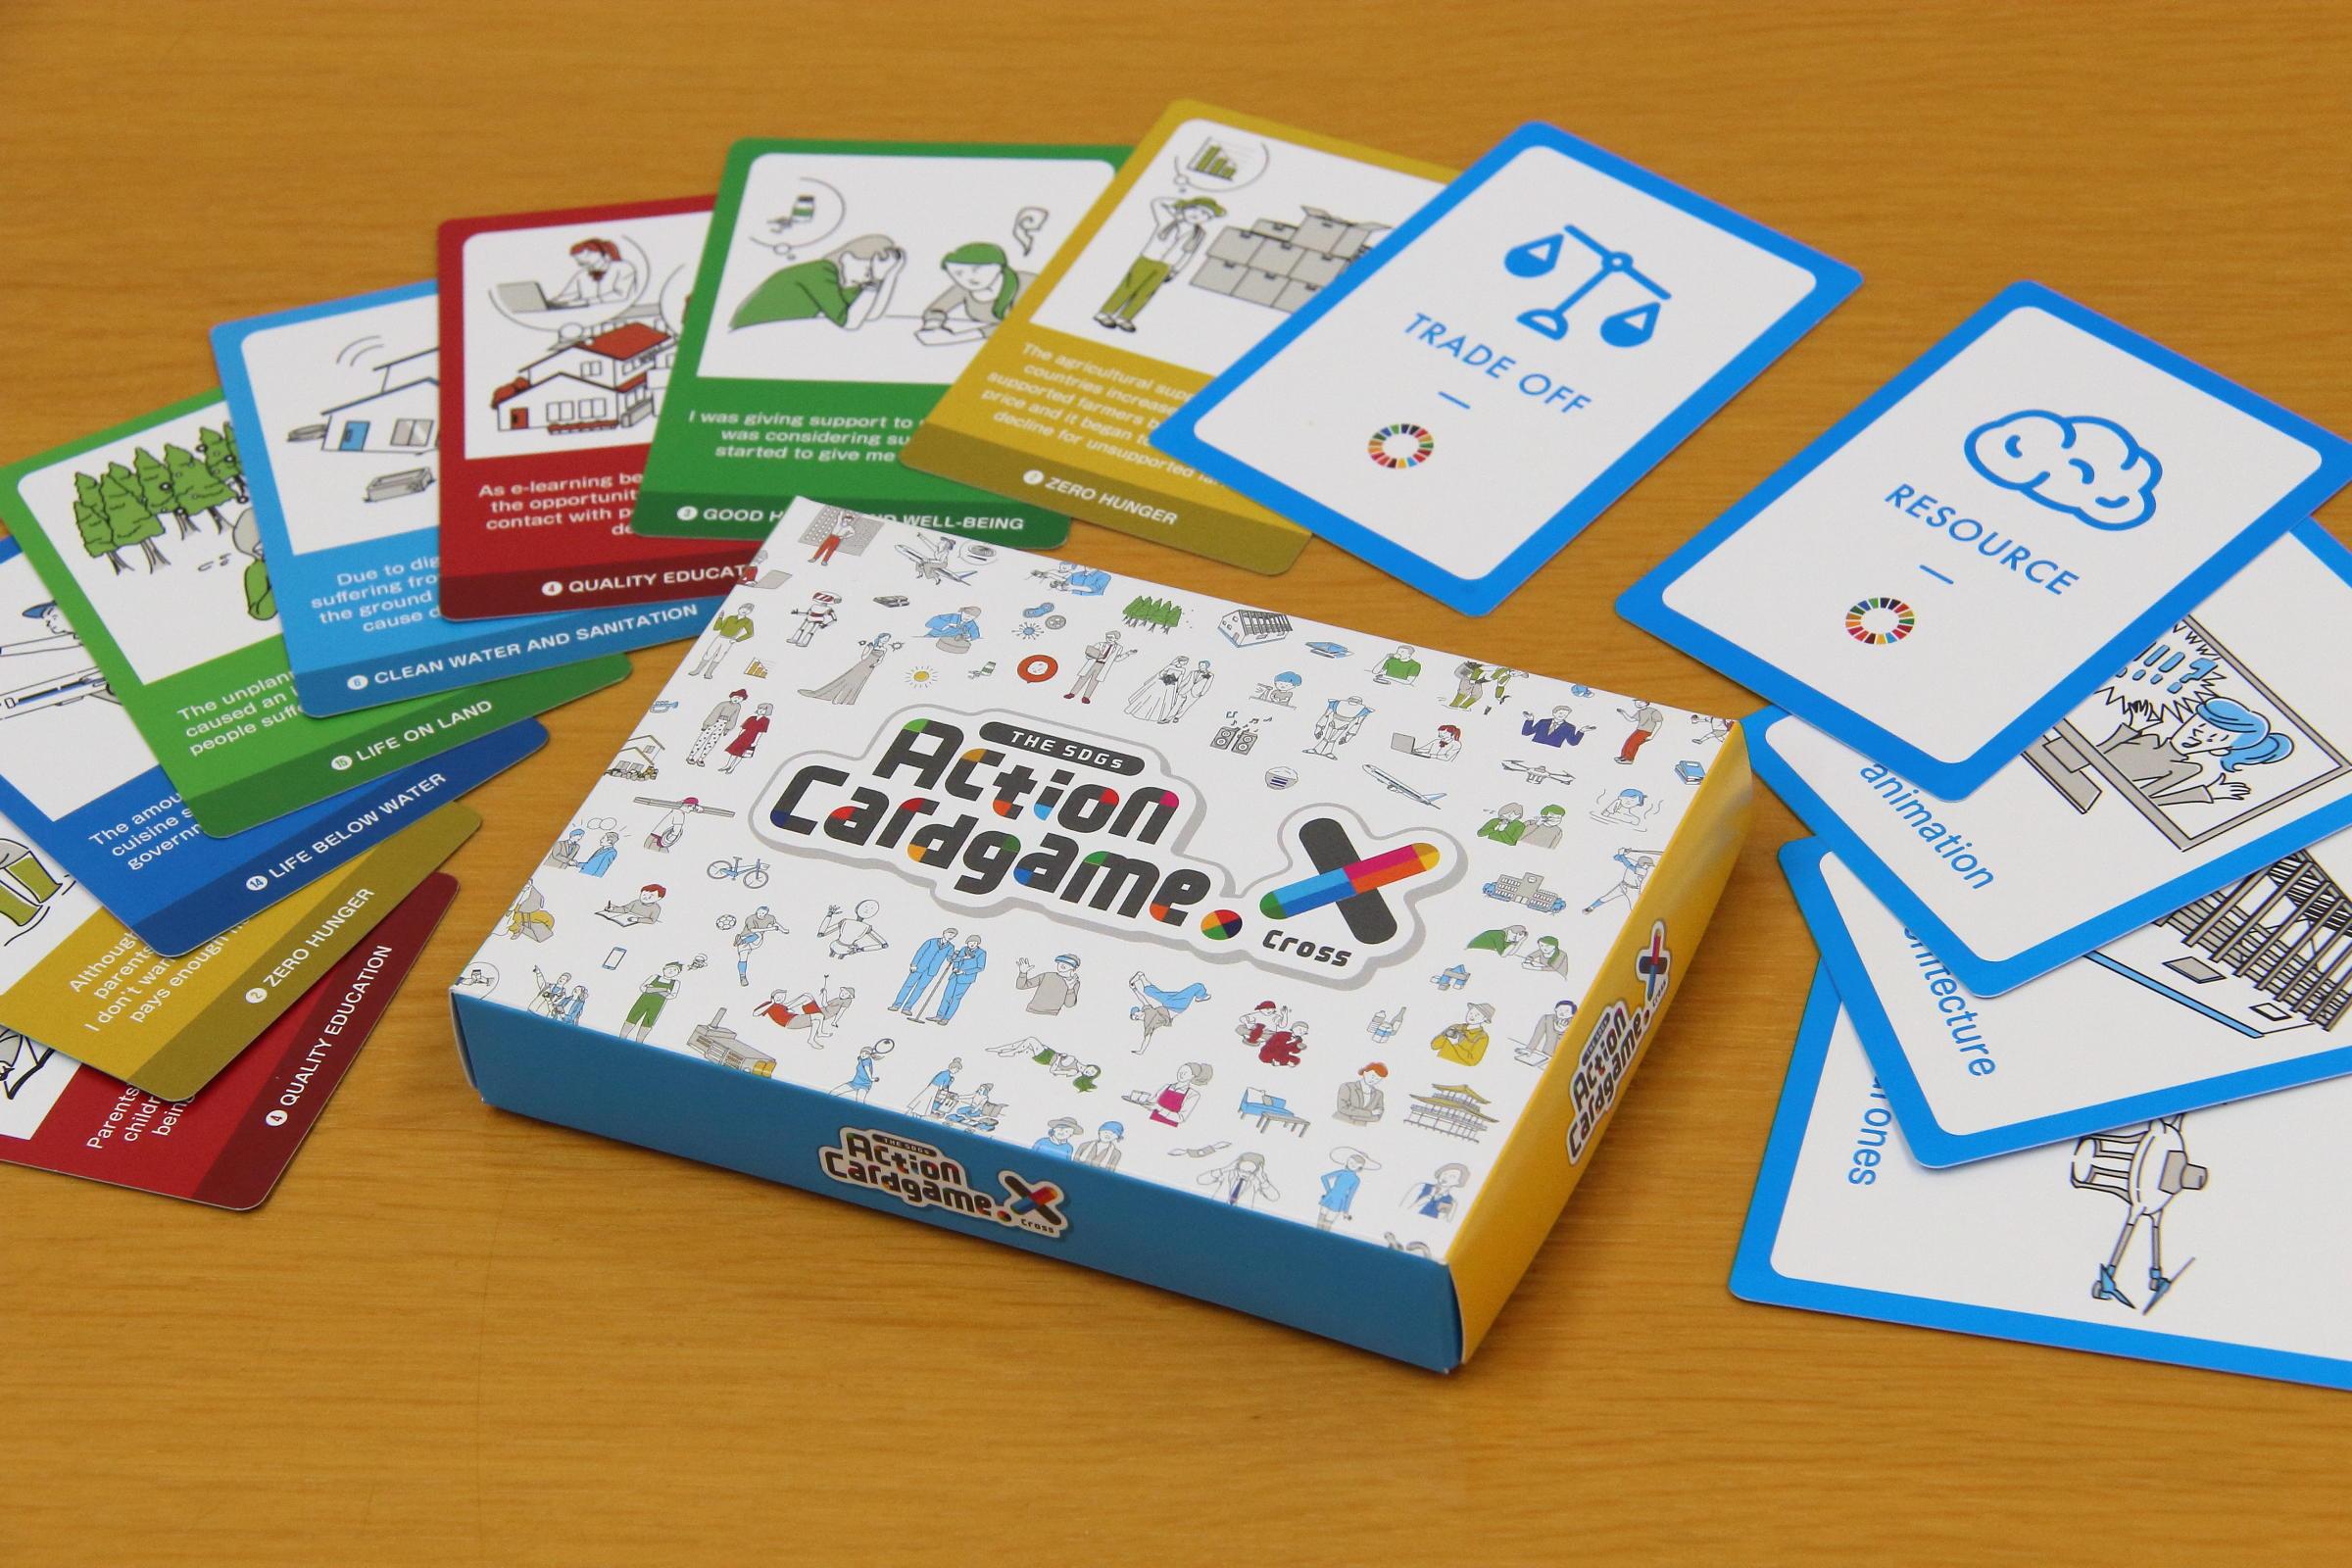 英語で楽しくSDGsを学び、行動に移す!金沢工業大学の学生プロジェクトと株式会社リバースプロジェクトが共同開発。英語版SDGsカードゲーム THE SDGs Action cardgame